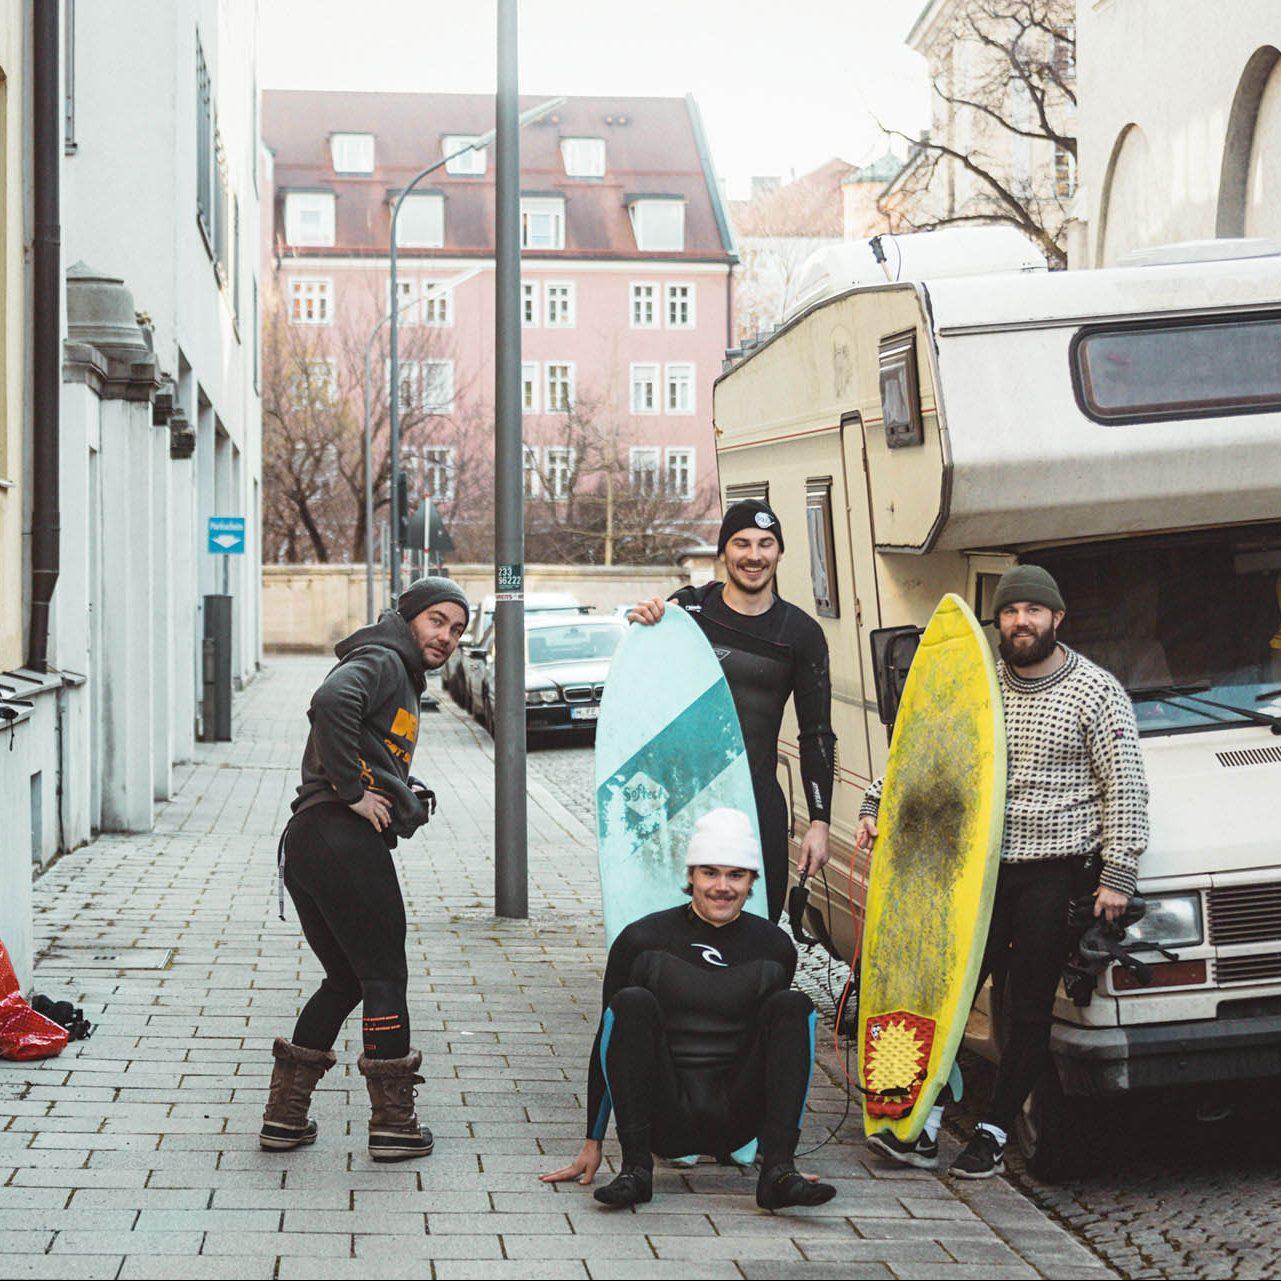 matkailuauto_munchen_katu_surffaus_surfing